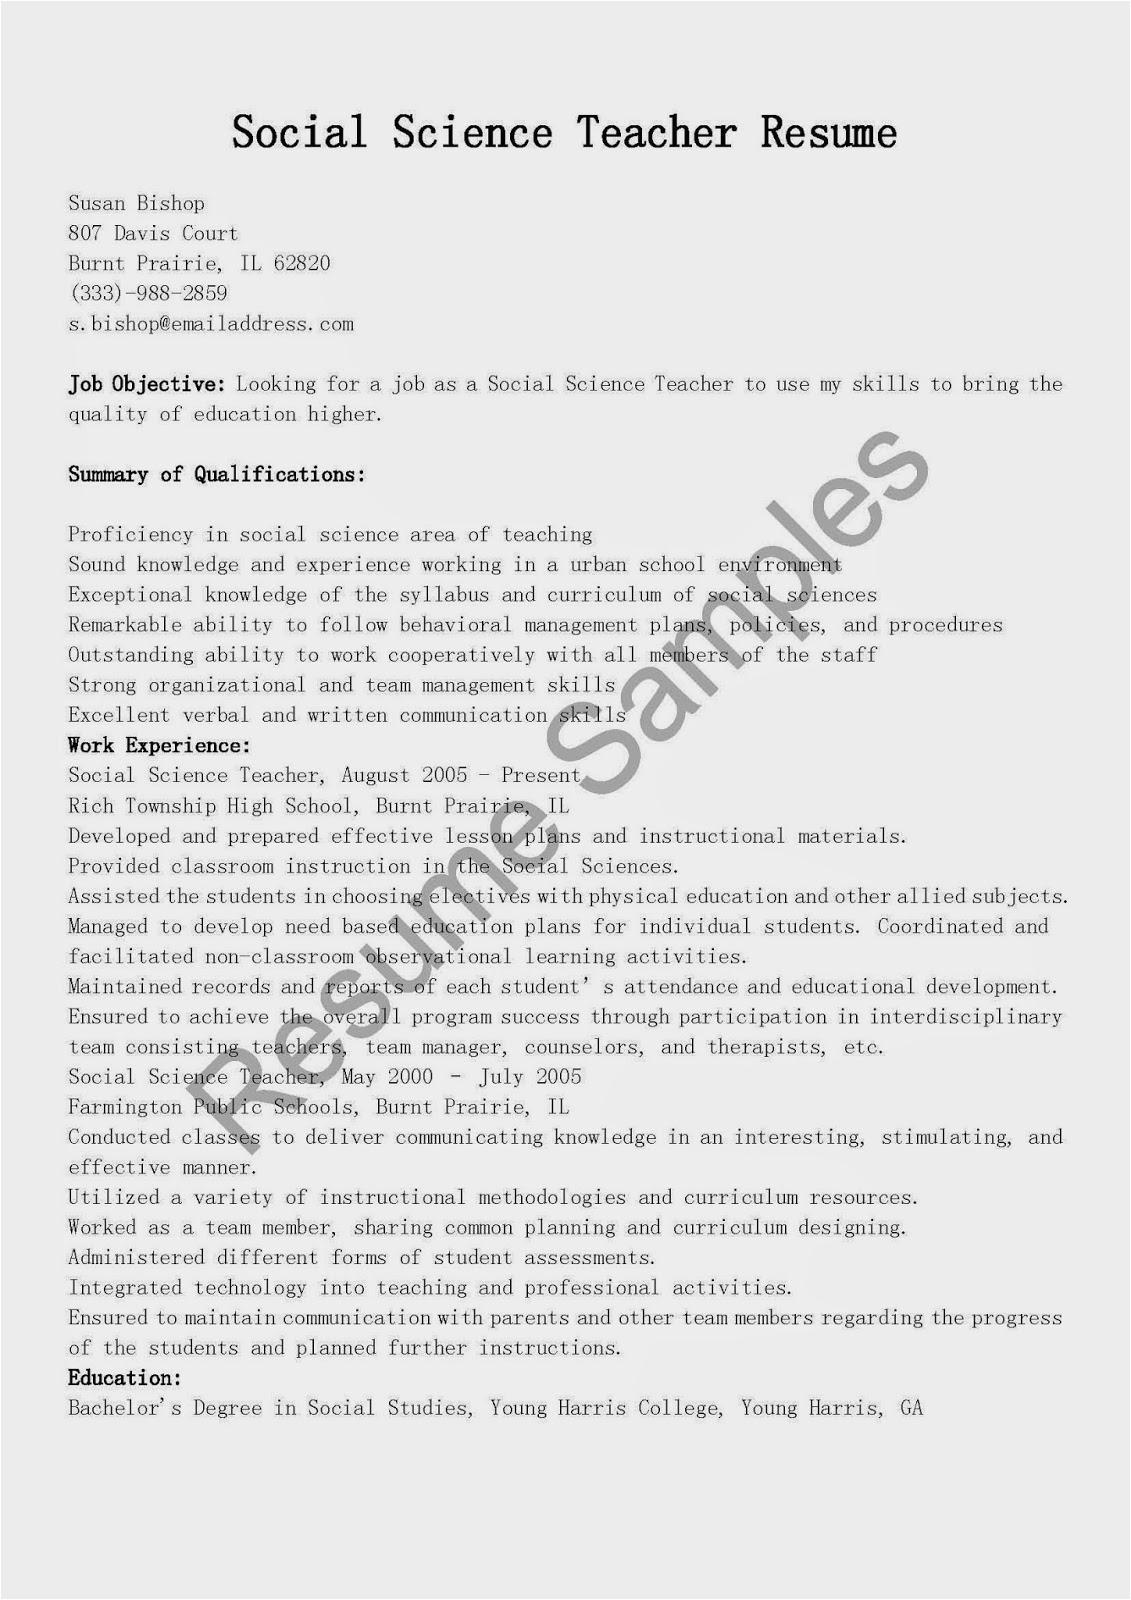 Sample Resume for social Science Teacher Resume Samples social Science Teacher Resume Sample